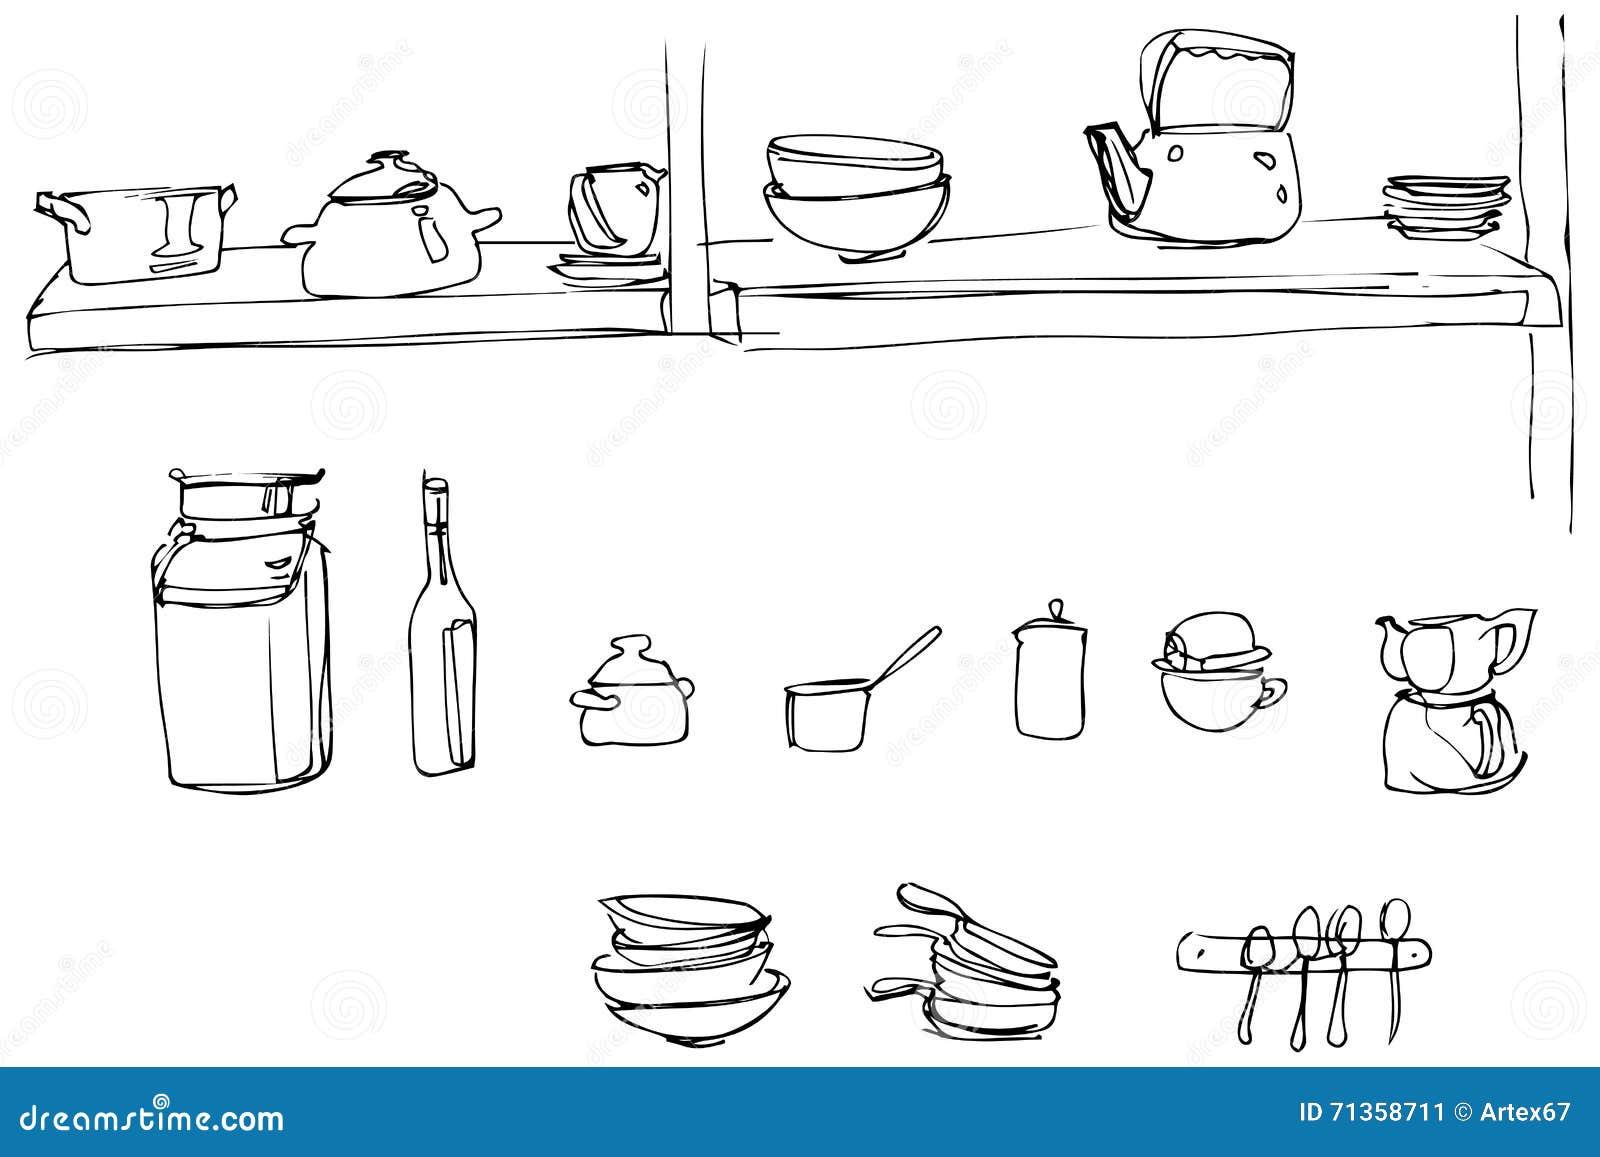 Kitchen Utensils Wallpaper vector sketch of kitchen utensils in the range of wallpaper stock